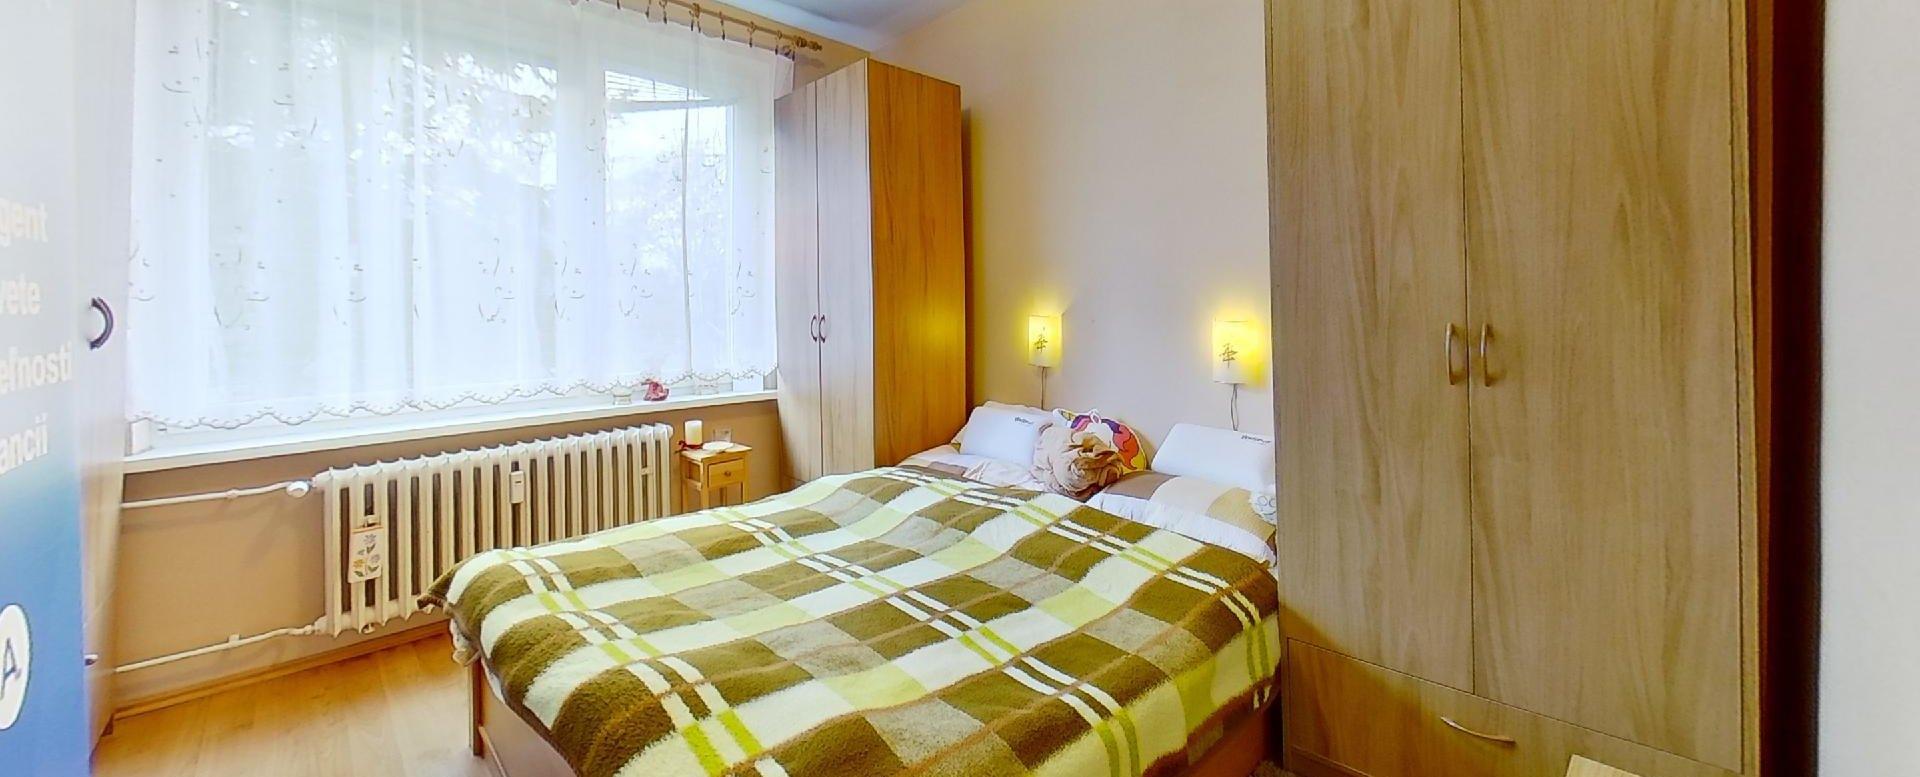 Manželská posteľ so skriňami